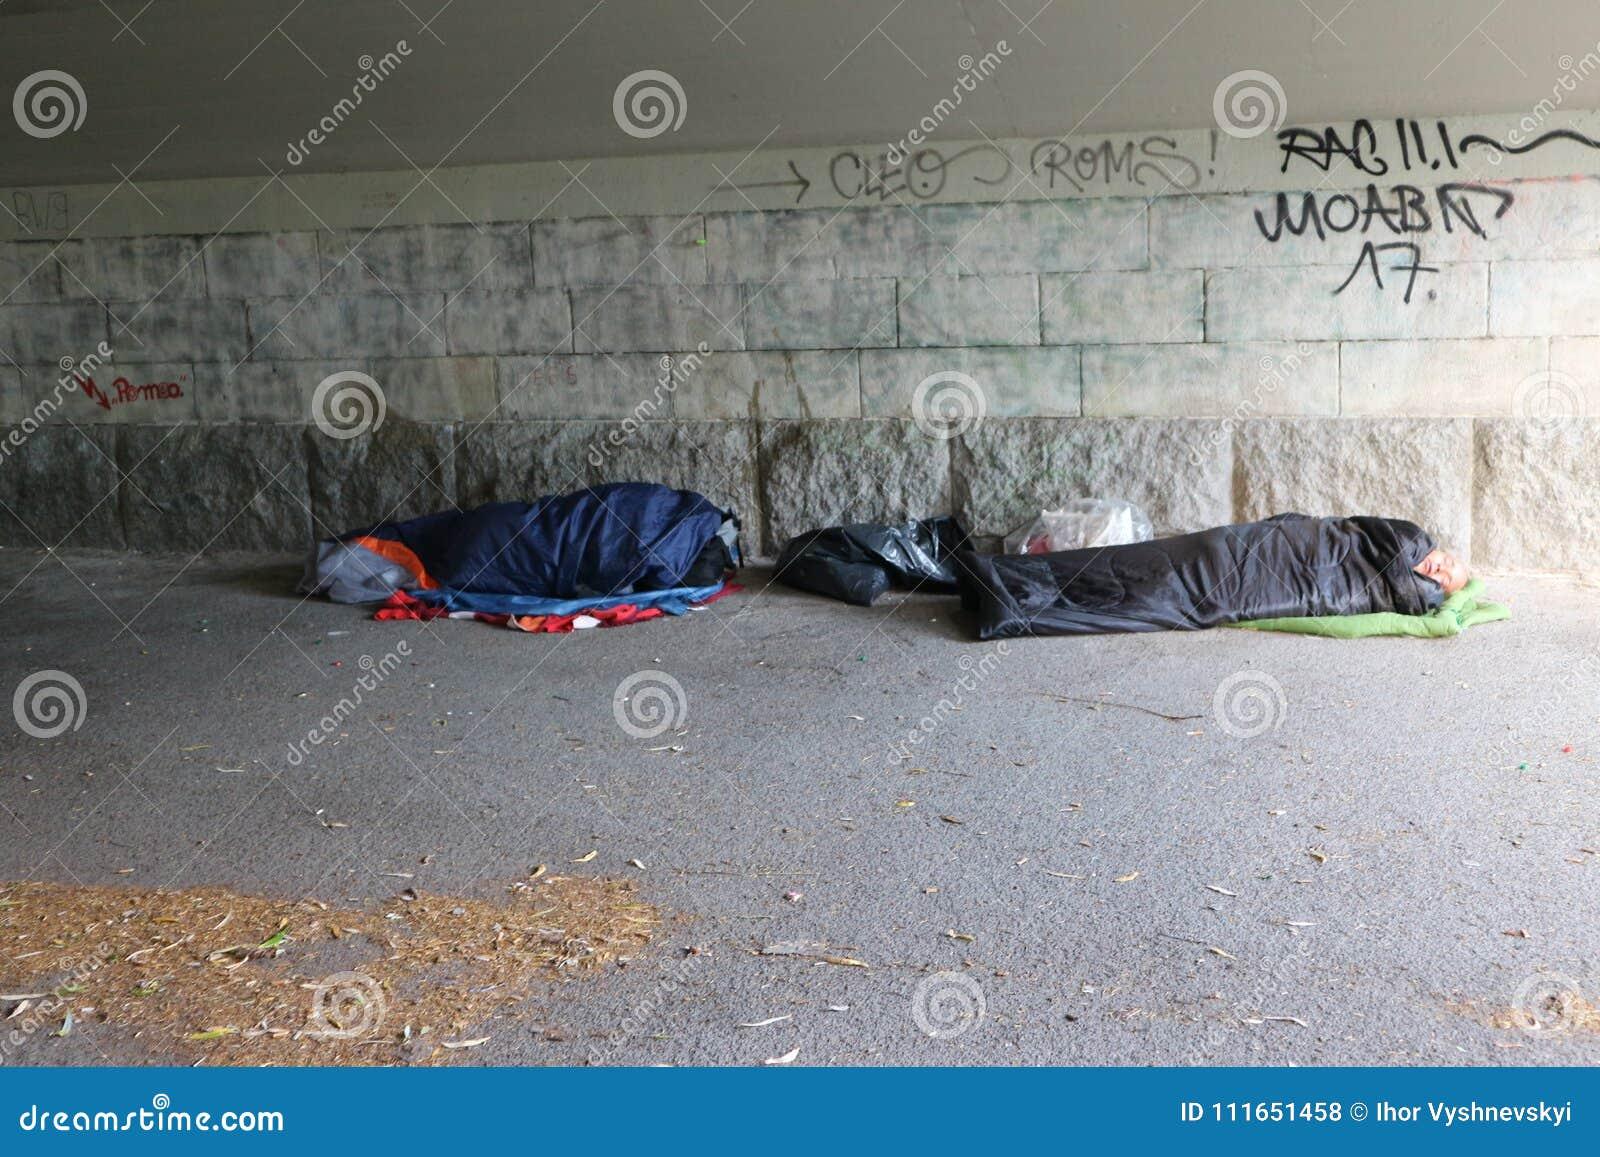 Homeless refugees sleeping in sleeping bags